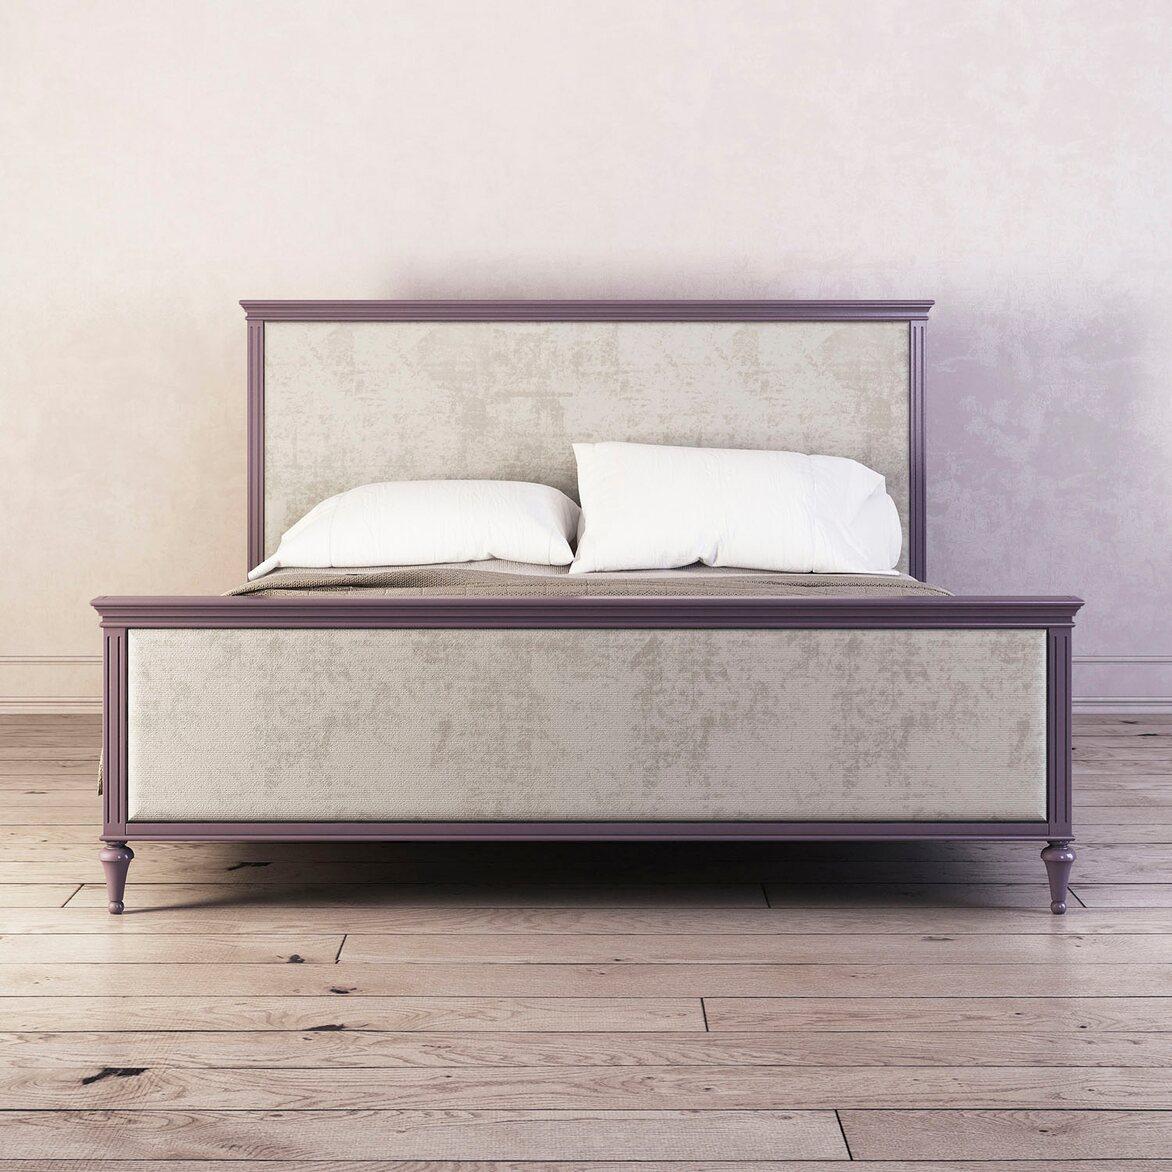 Кровать с мягким изголовьем 180*200 Riverdi, орхидея, с изножьем   Двуспальные кровати Kingsby